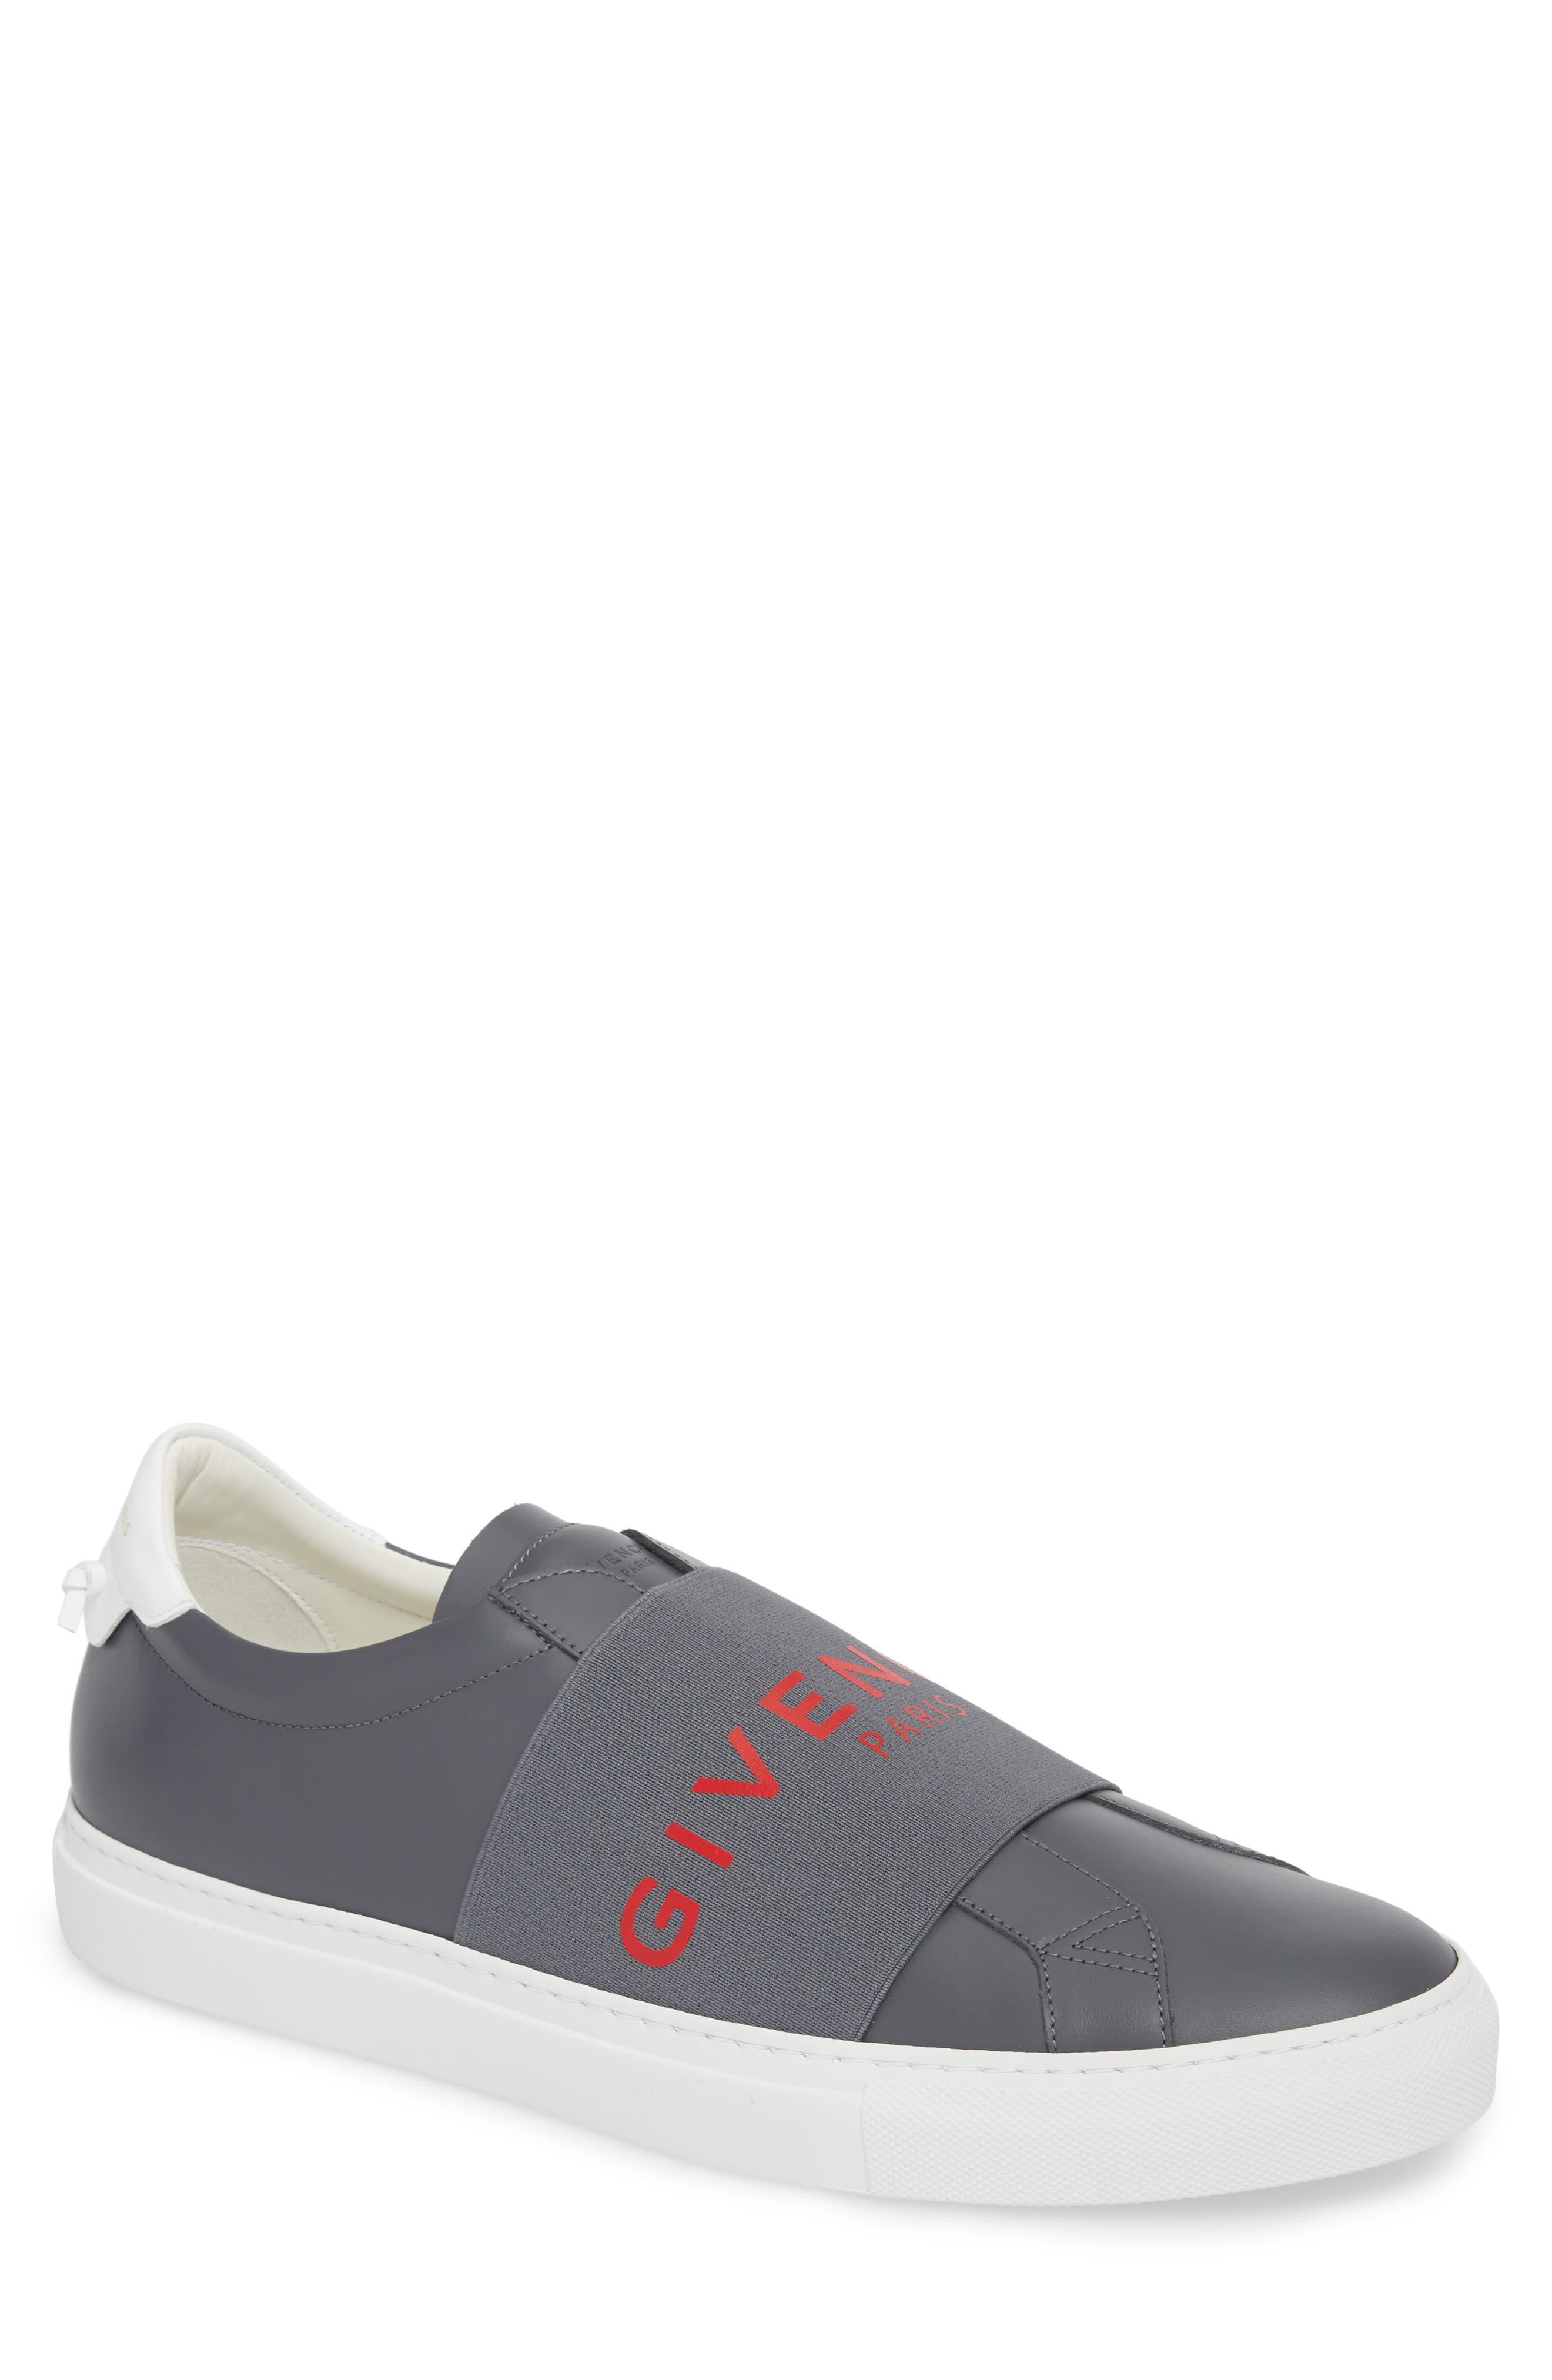 Urban Knots Sneaker,                         Main,                         color, Grey